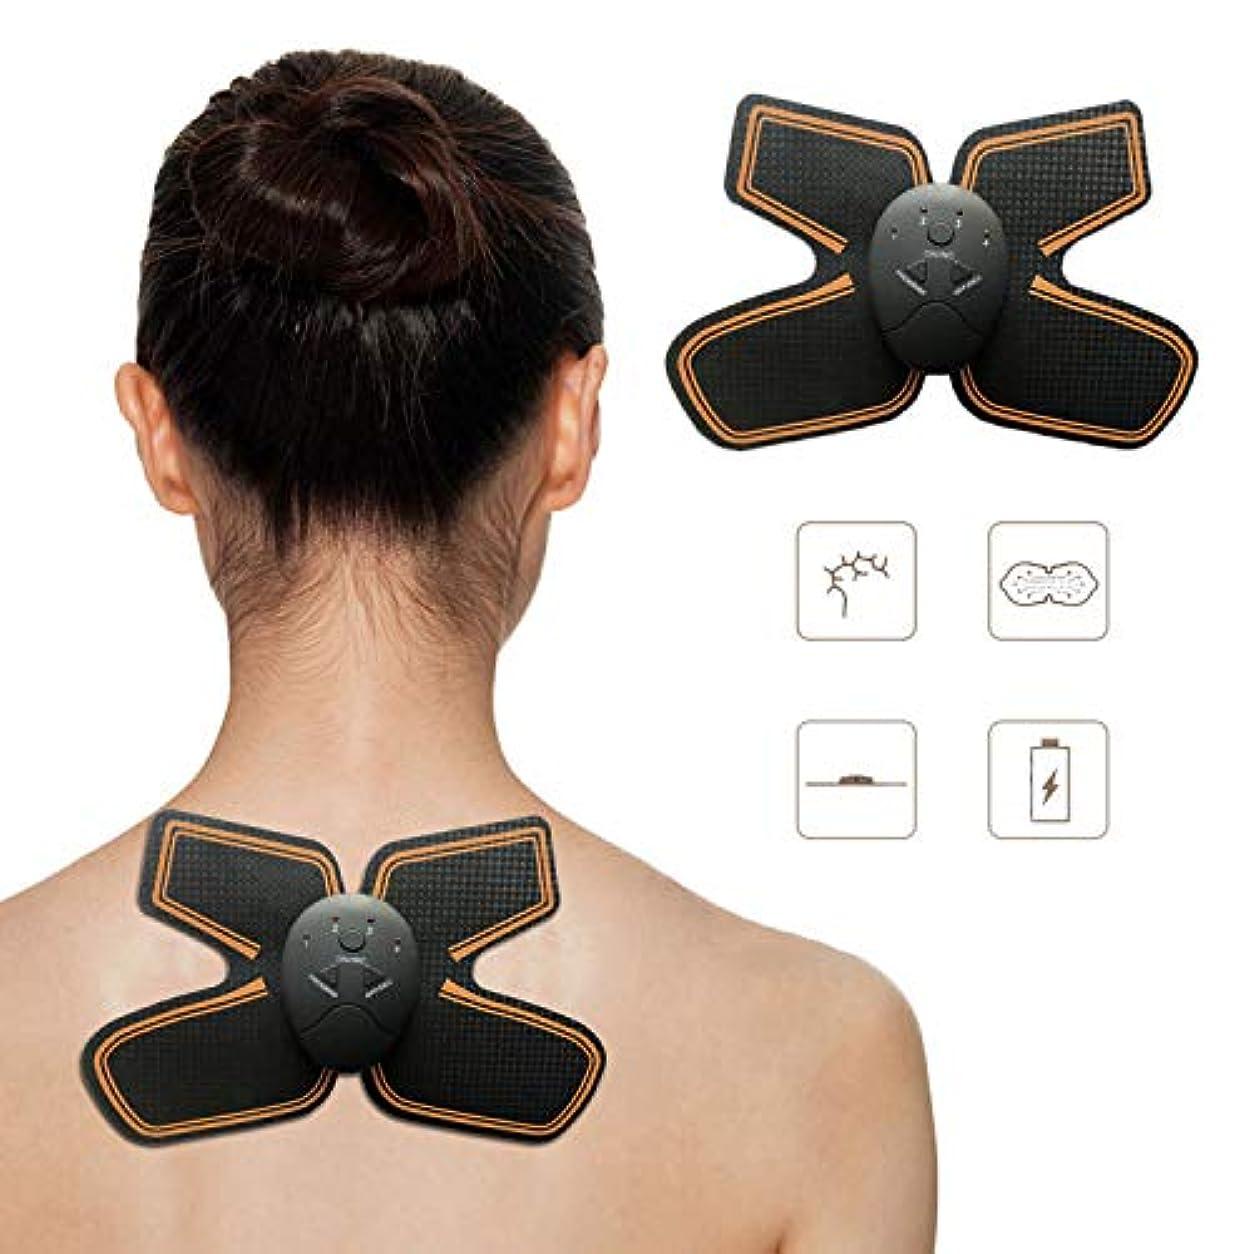 中にプラス伝導EMS 腹筋ベルト, ワイヤレス ポータブル ネックマッサージャー, 6つモード 10段階 筋肉トナー の 男性?女性 アーム 足